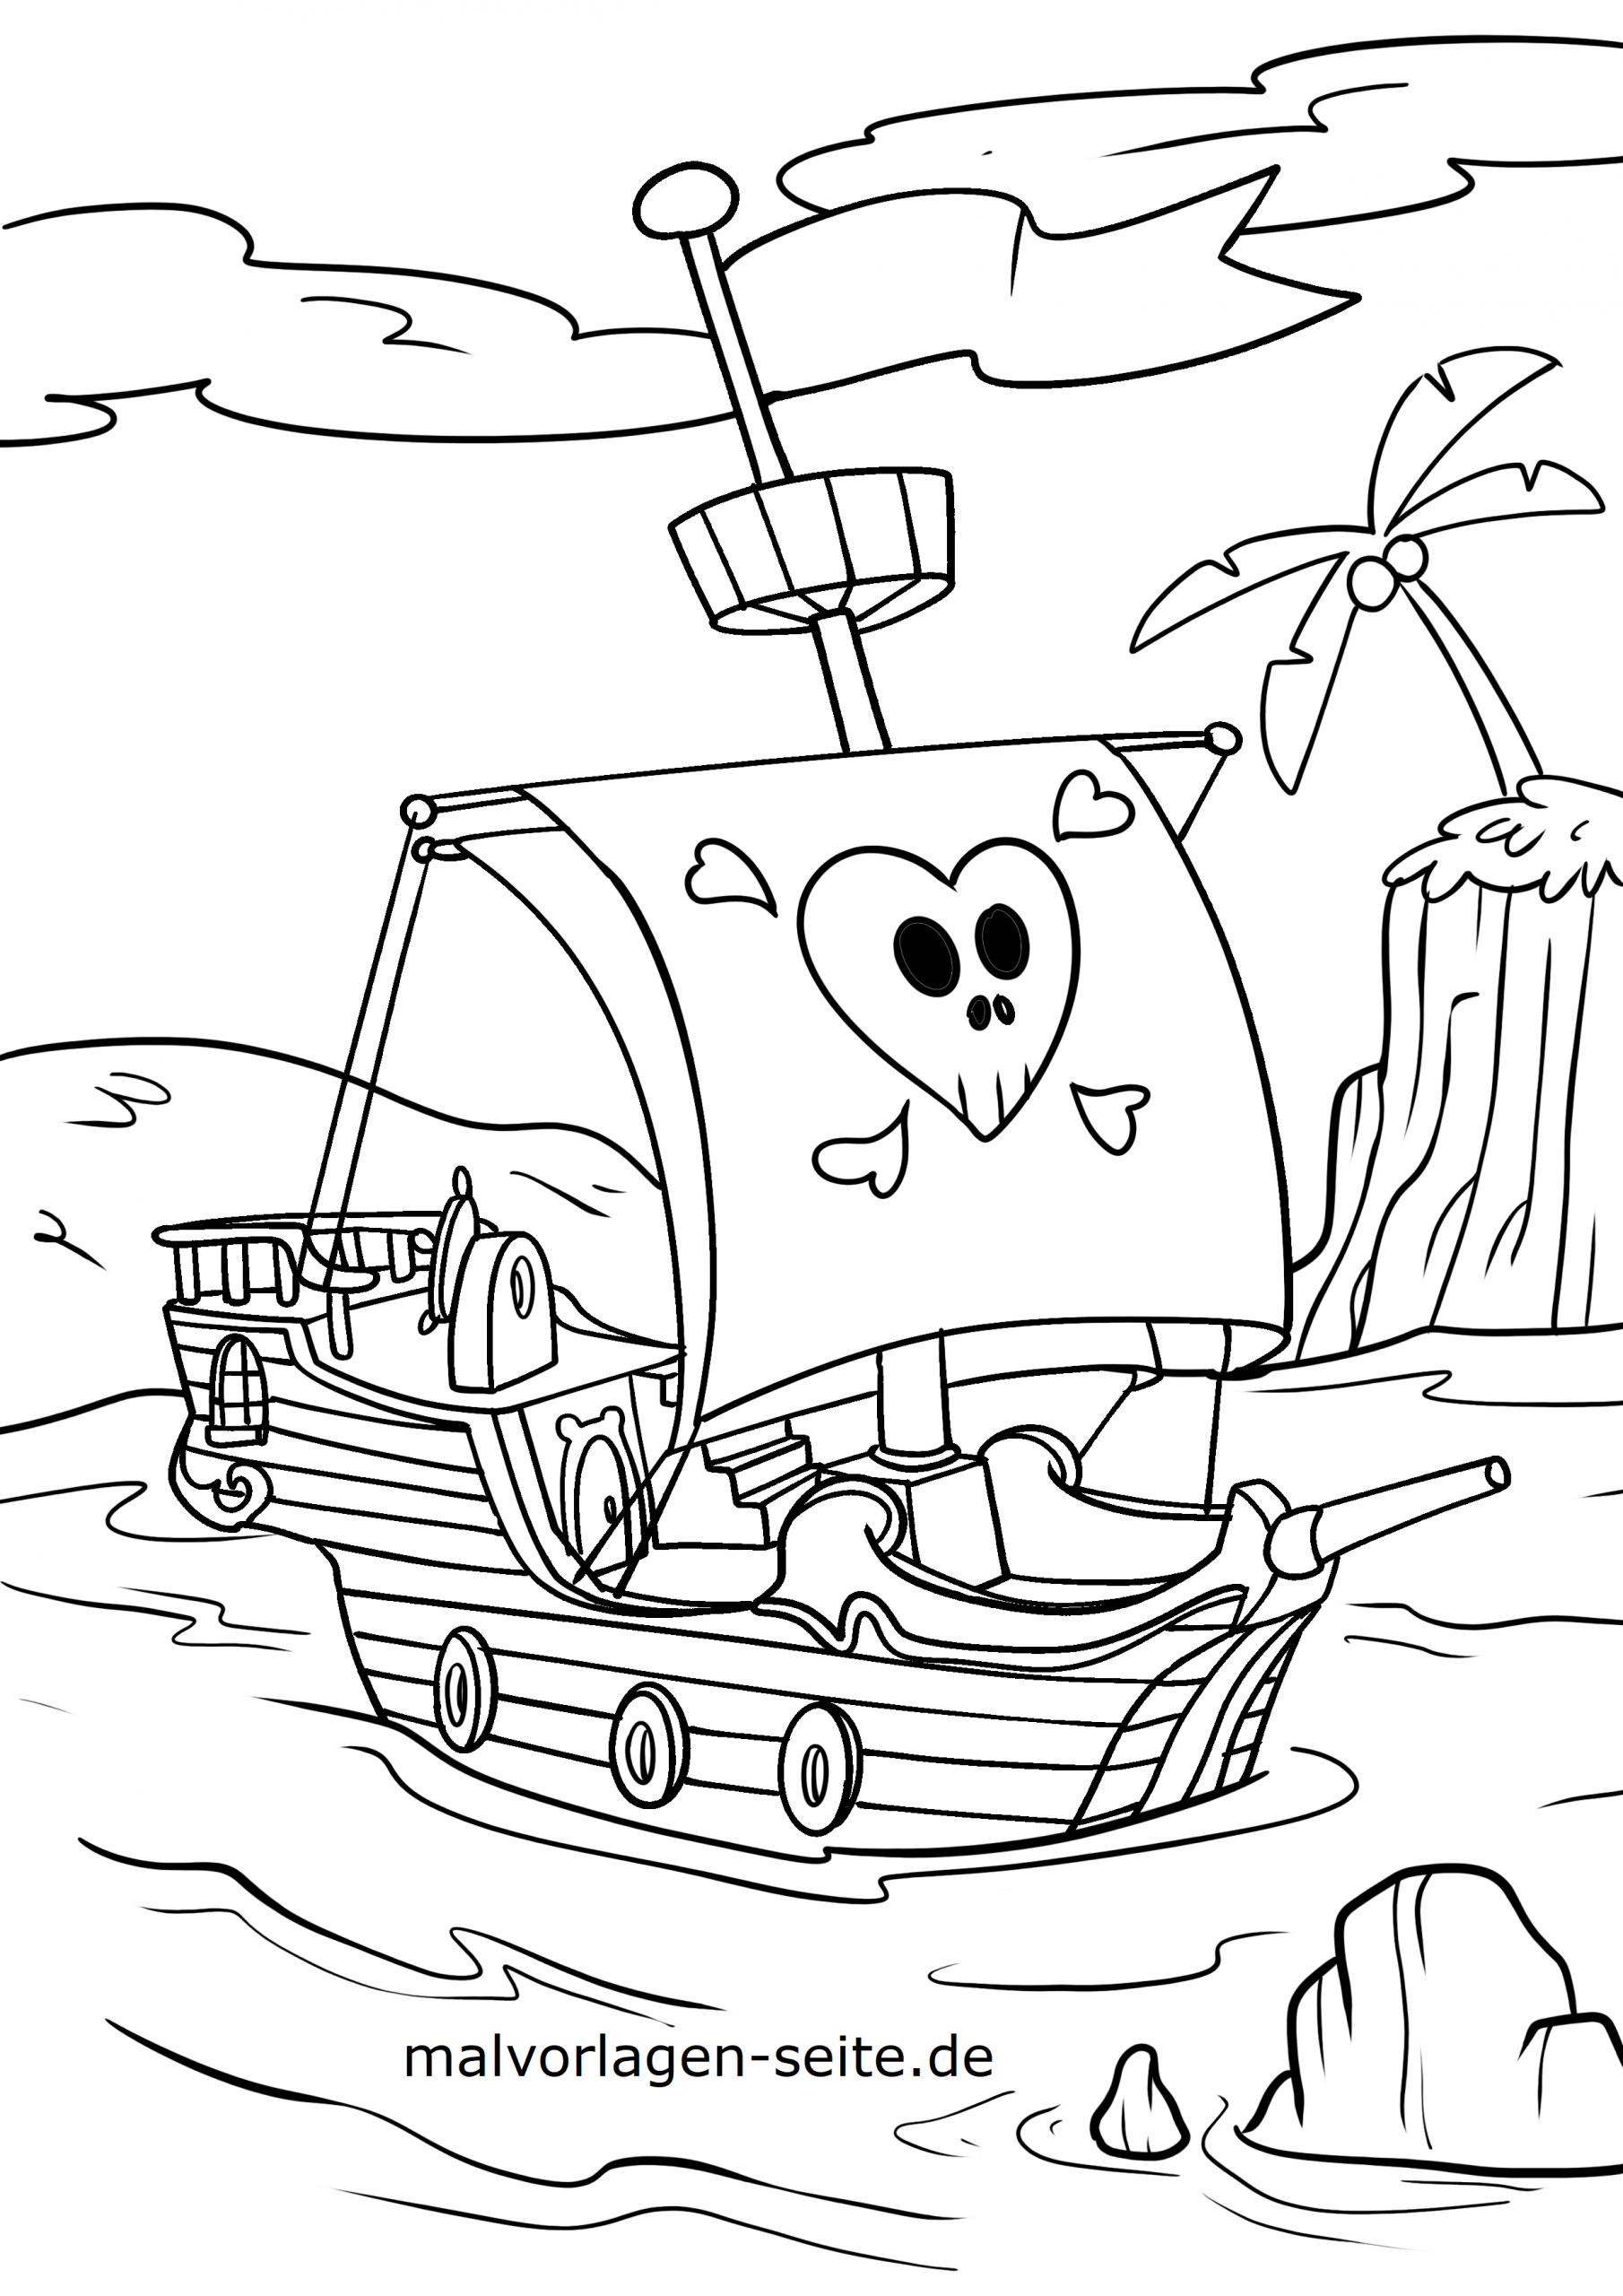 Malvorlage Piraten - Ausmalbilder Kostenlos Herunterladen bestimmt für Ausmalbilder Kostenlos Piraten